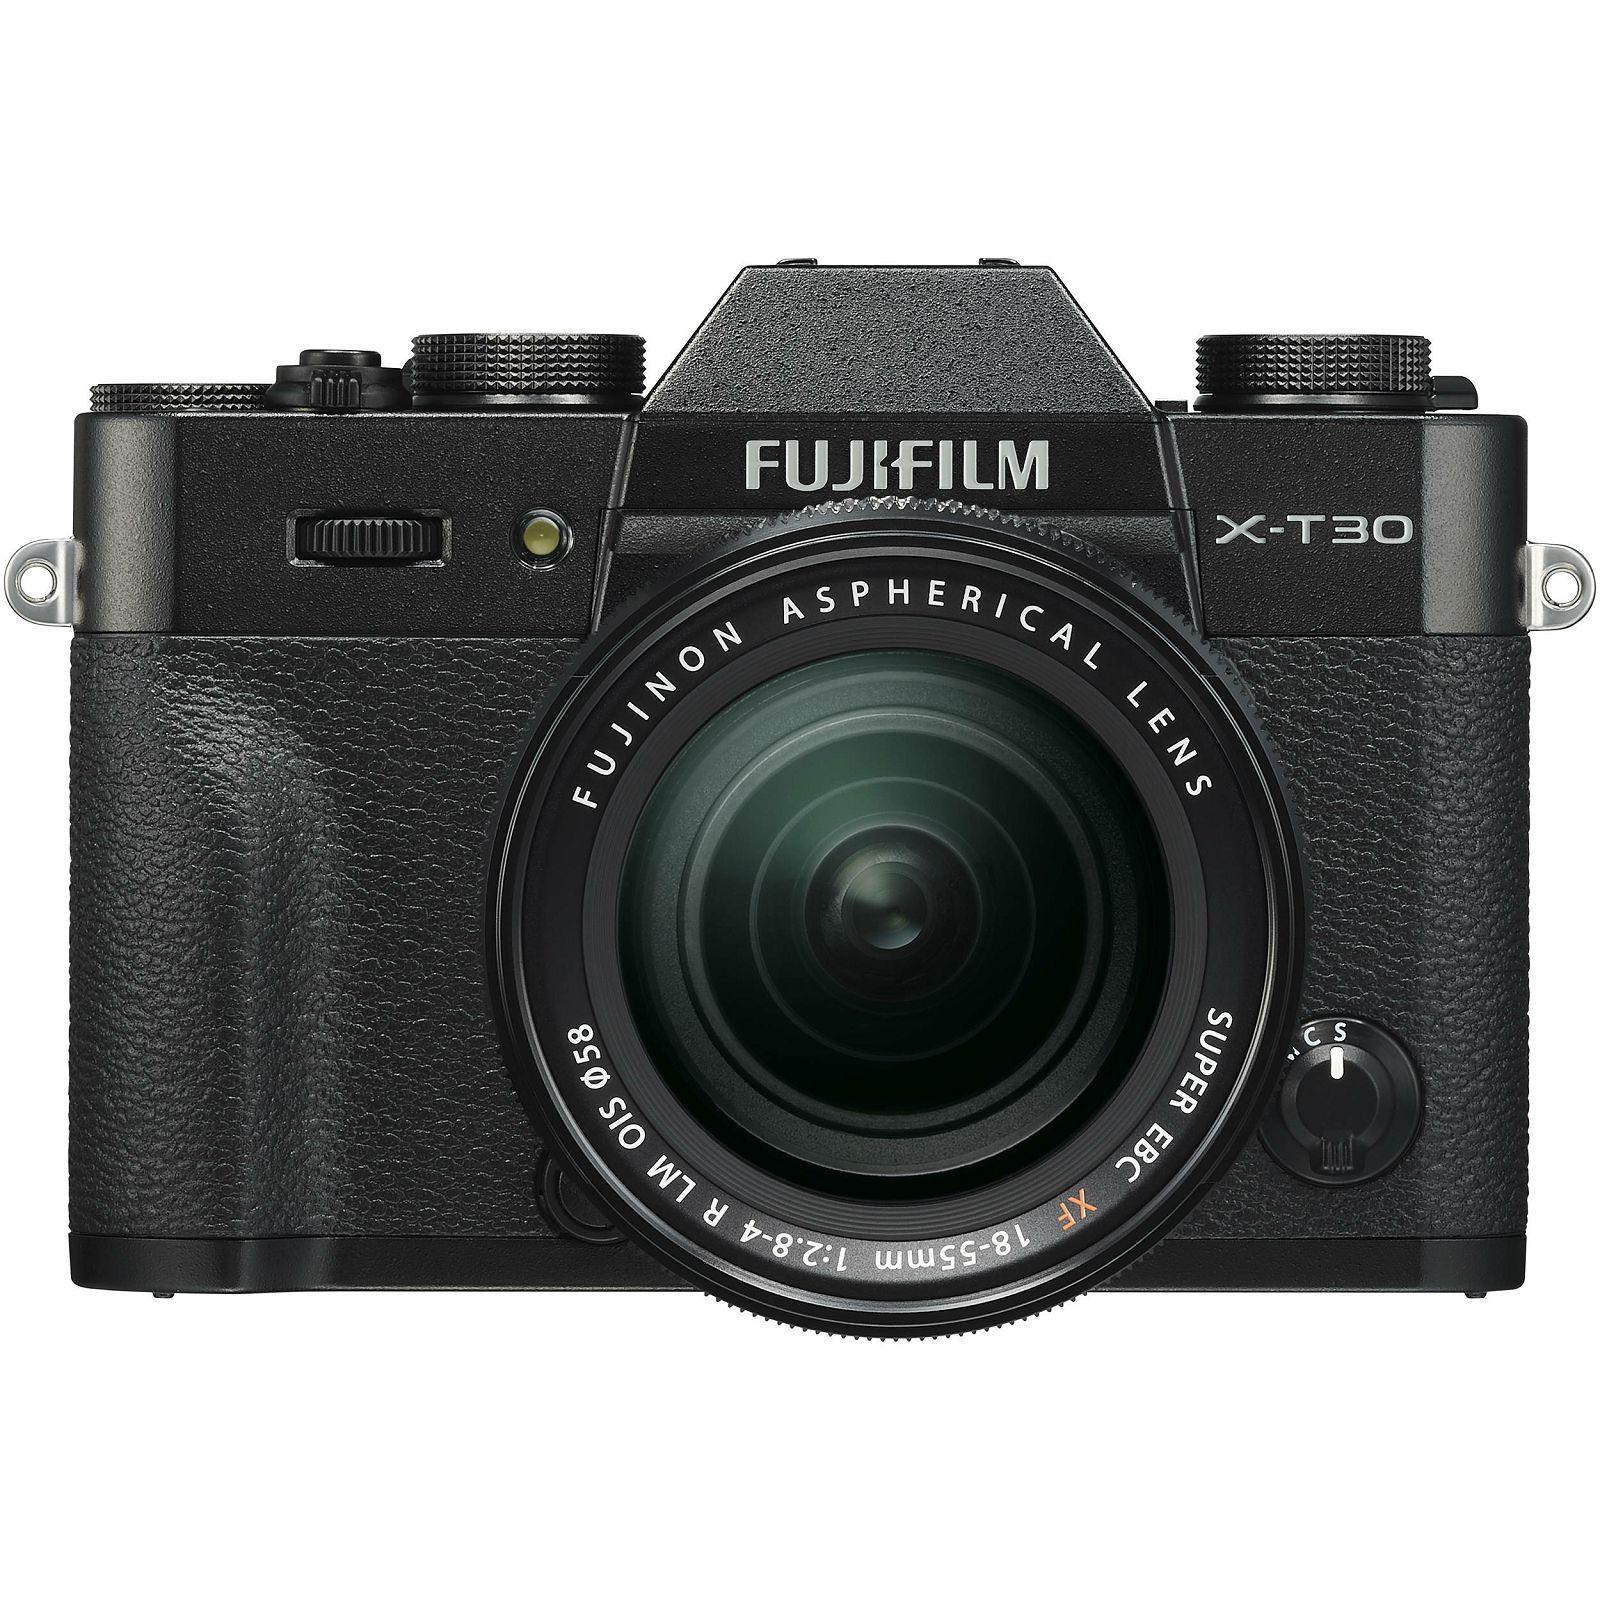 Fujifilm X-T30 + XF 18-55 f2.8-4 R LM OIS Black crni digitalni mirrorless fotoaparat s objektivom 18-55mm Fuji (16619982)